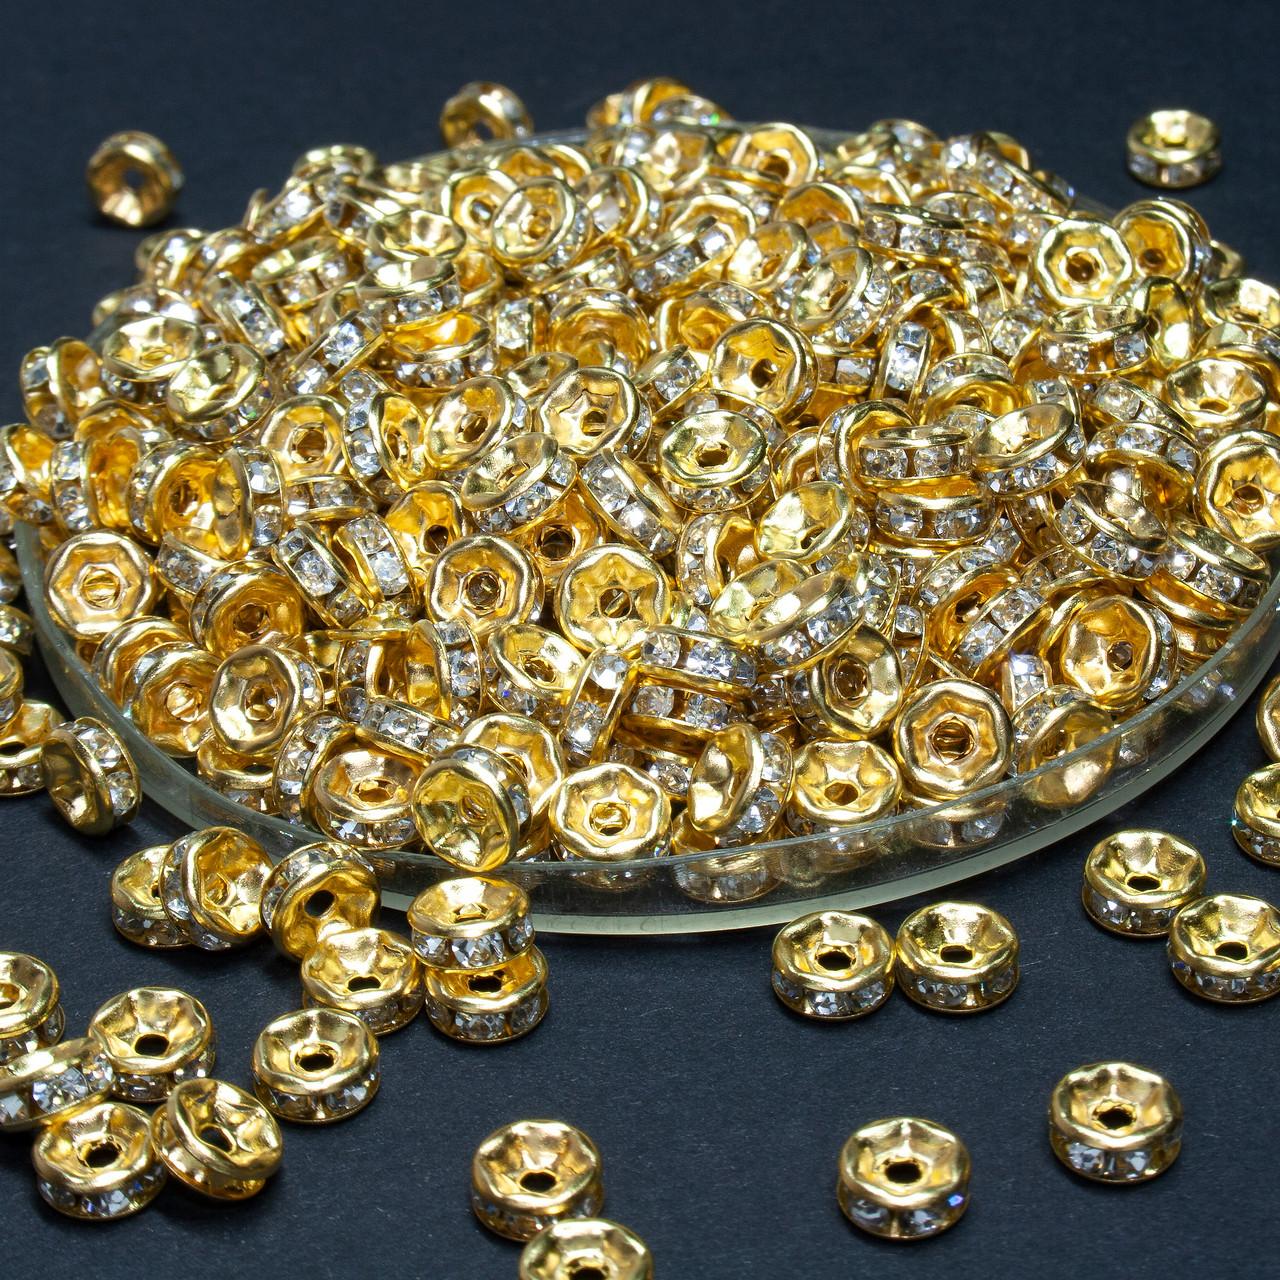 (45-50 штук) Бусины разделители со стразами. D-6мм Цвет золото + стразы прозрачные